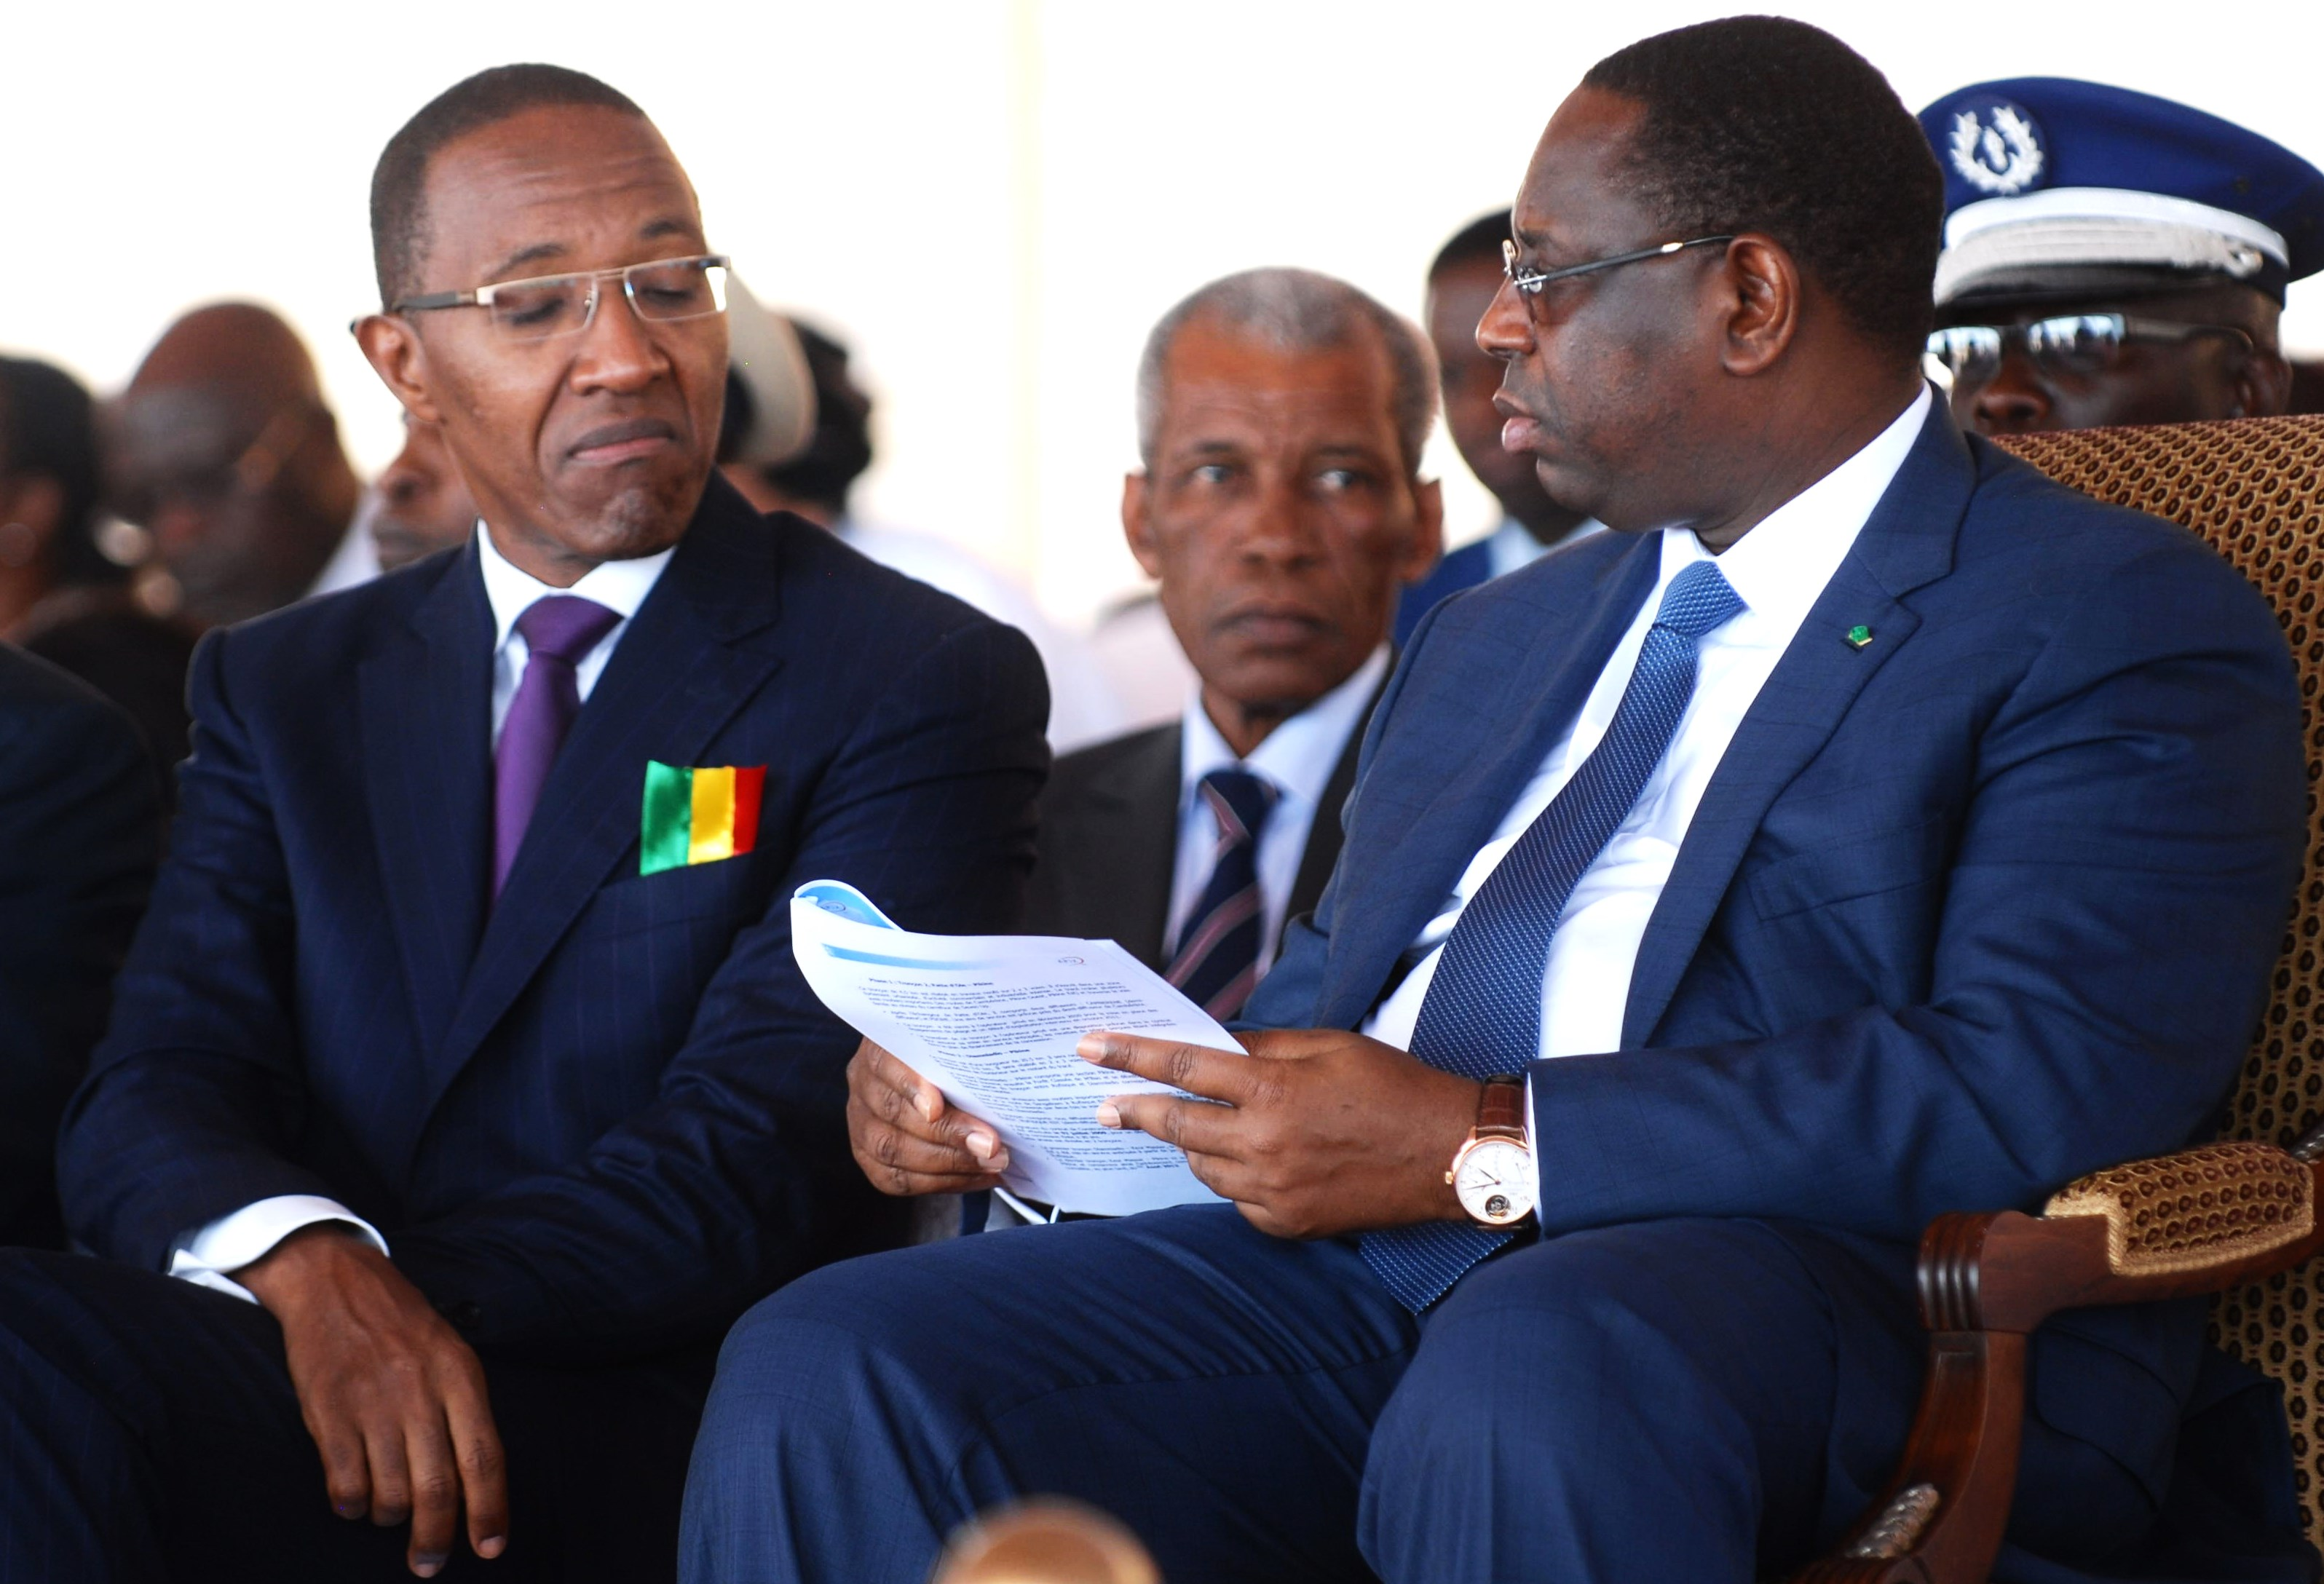 Pétrole et gaz de la République du Sénégal : La lettre ouverte d'Abdoul Mbaye de l'ACT à Macky Sall